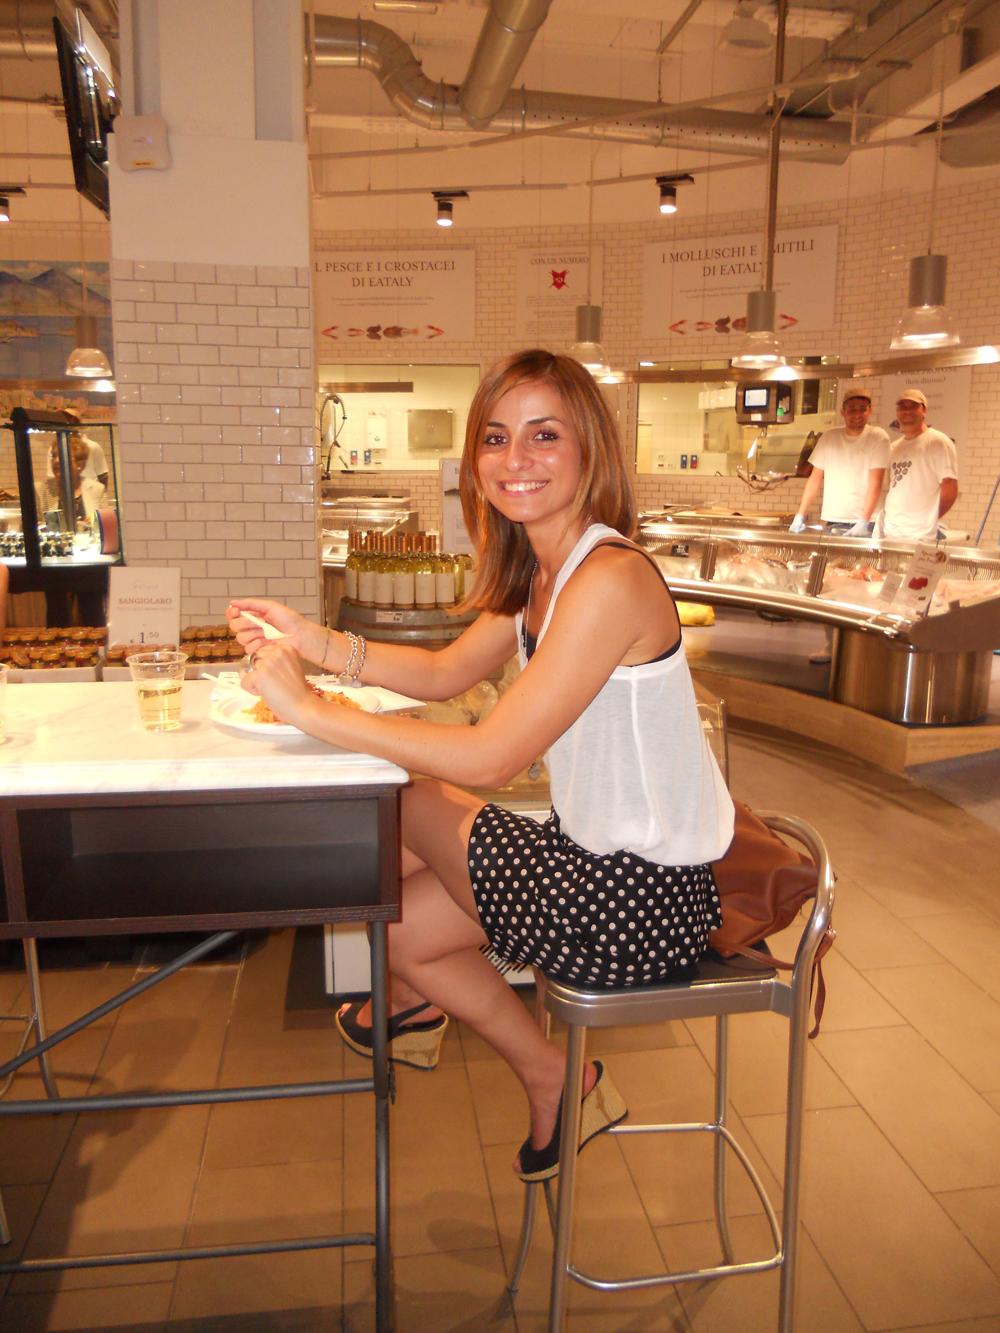 La cucina romana in scena da eataly for La cucina romana